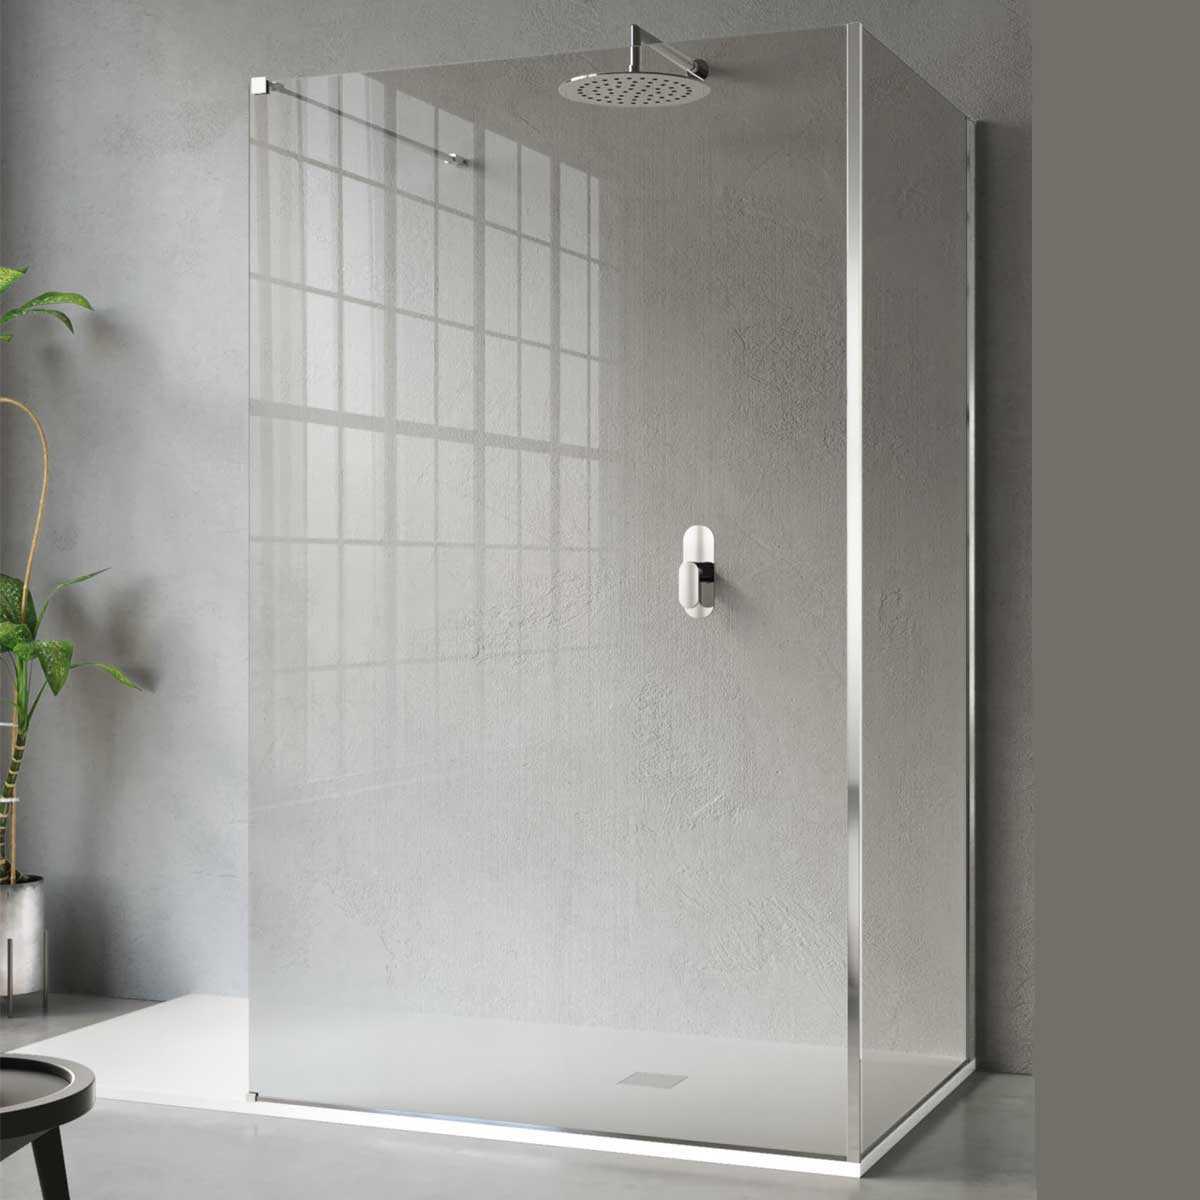 Parete doccia walk in Cristal 2.1 da 70 cm lato frontale con supporto acciaio inox